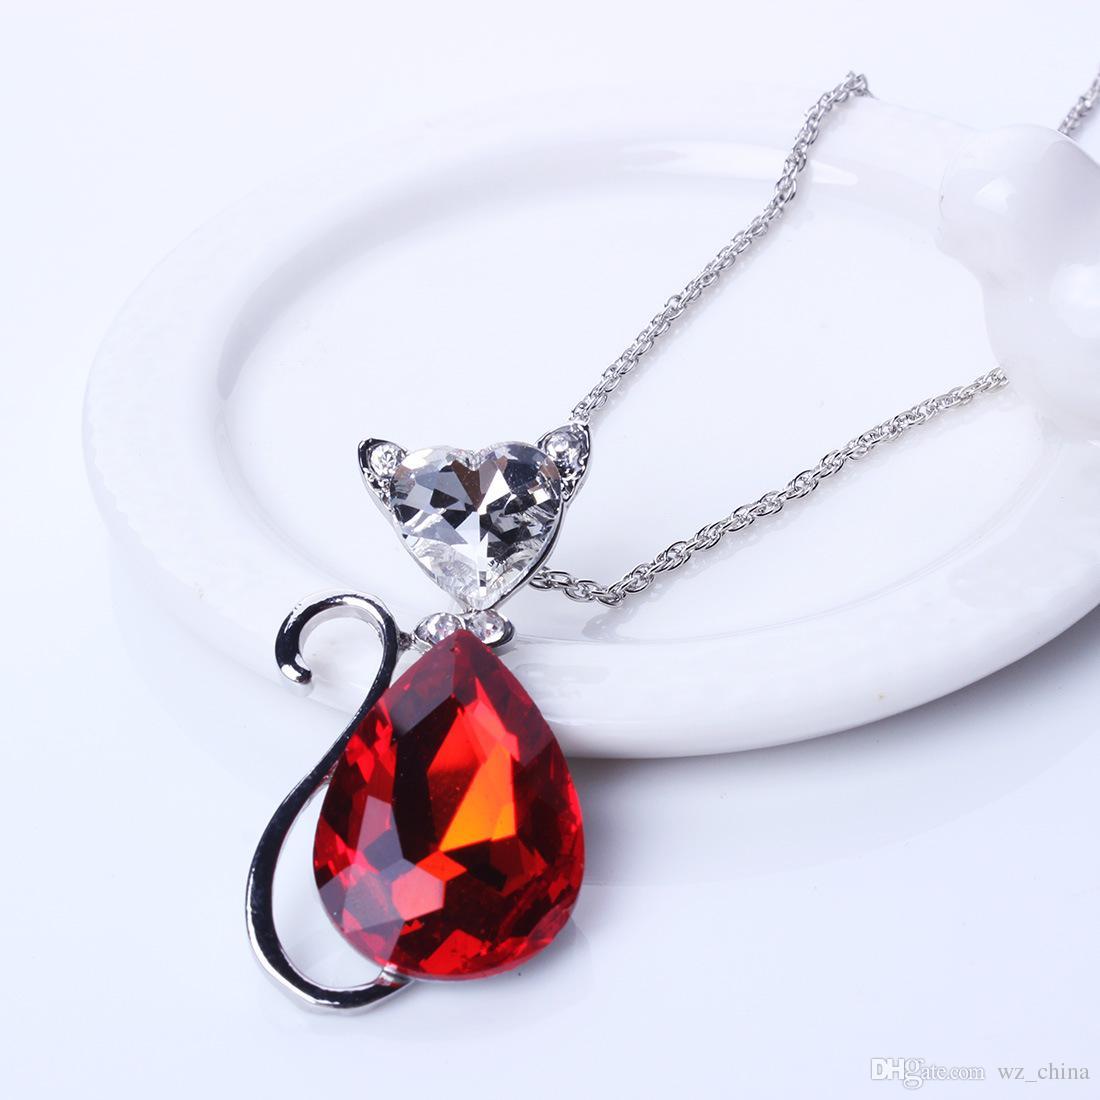 Mujeres Conjuntos de joyas de cristal de boda Rhinestone Gatos lindos Aretes / Collares pendientes Rojo Negro Azul Blanco Chapado en oro conjunto de joyas Nueva llegada